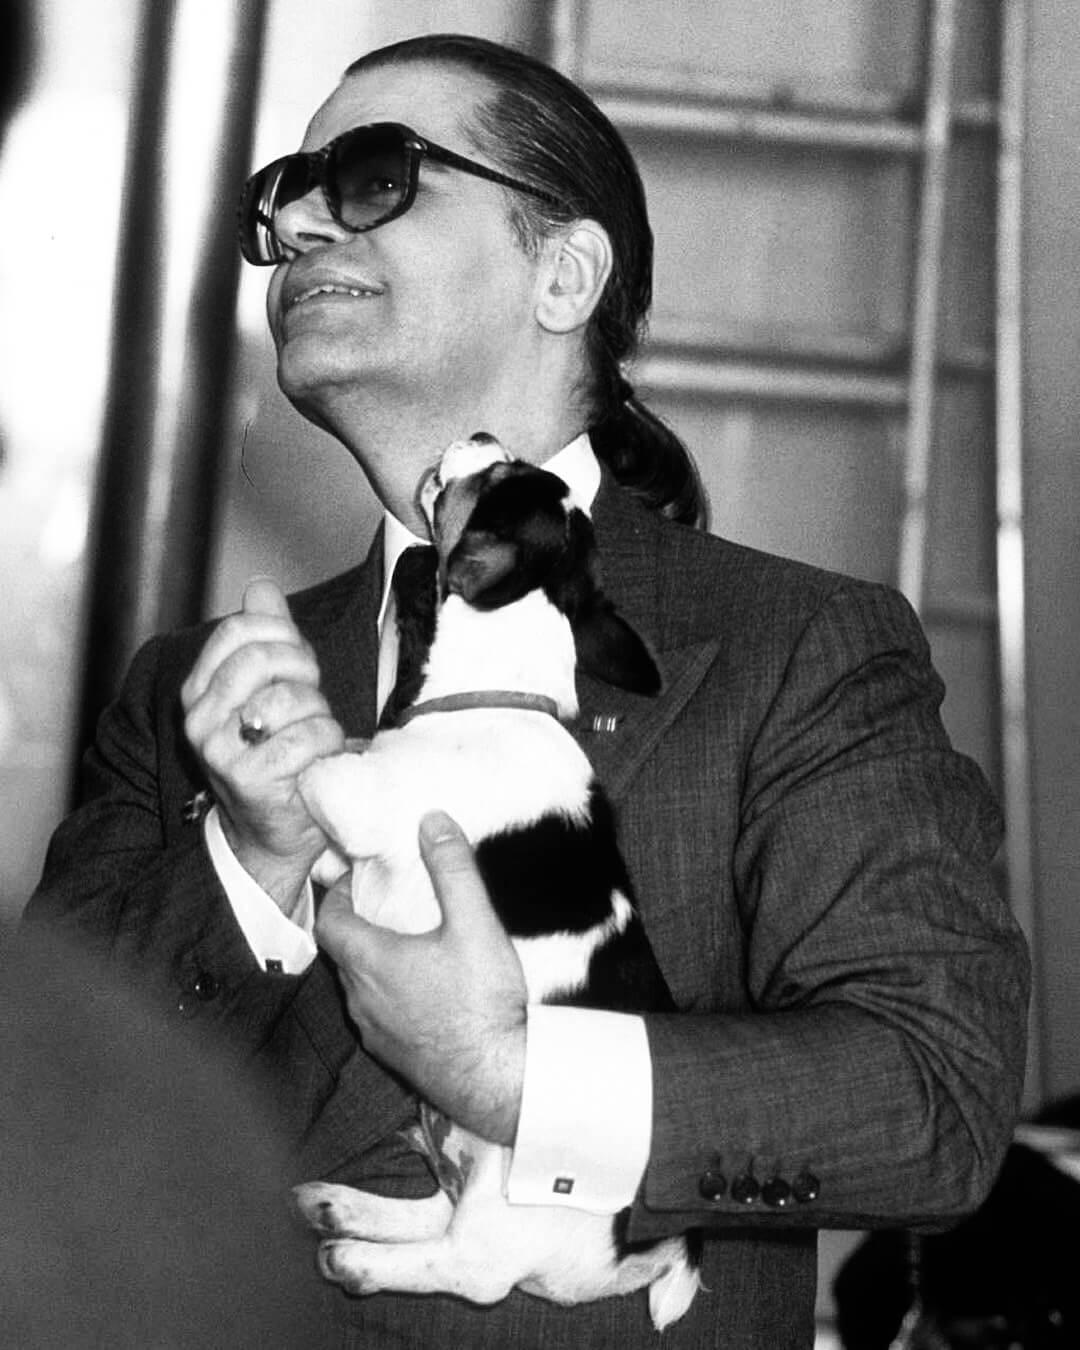 Falleció Karl Lagerfeld: 5 cosas que debes conocer sobre este icónico diseñador